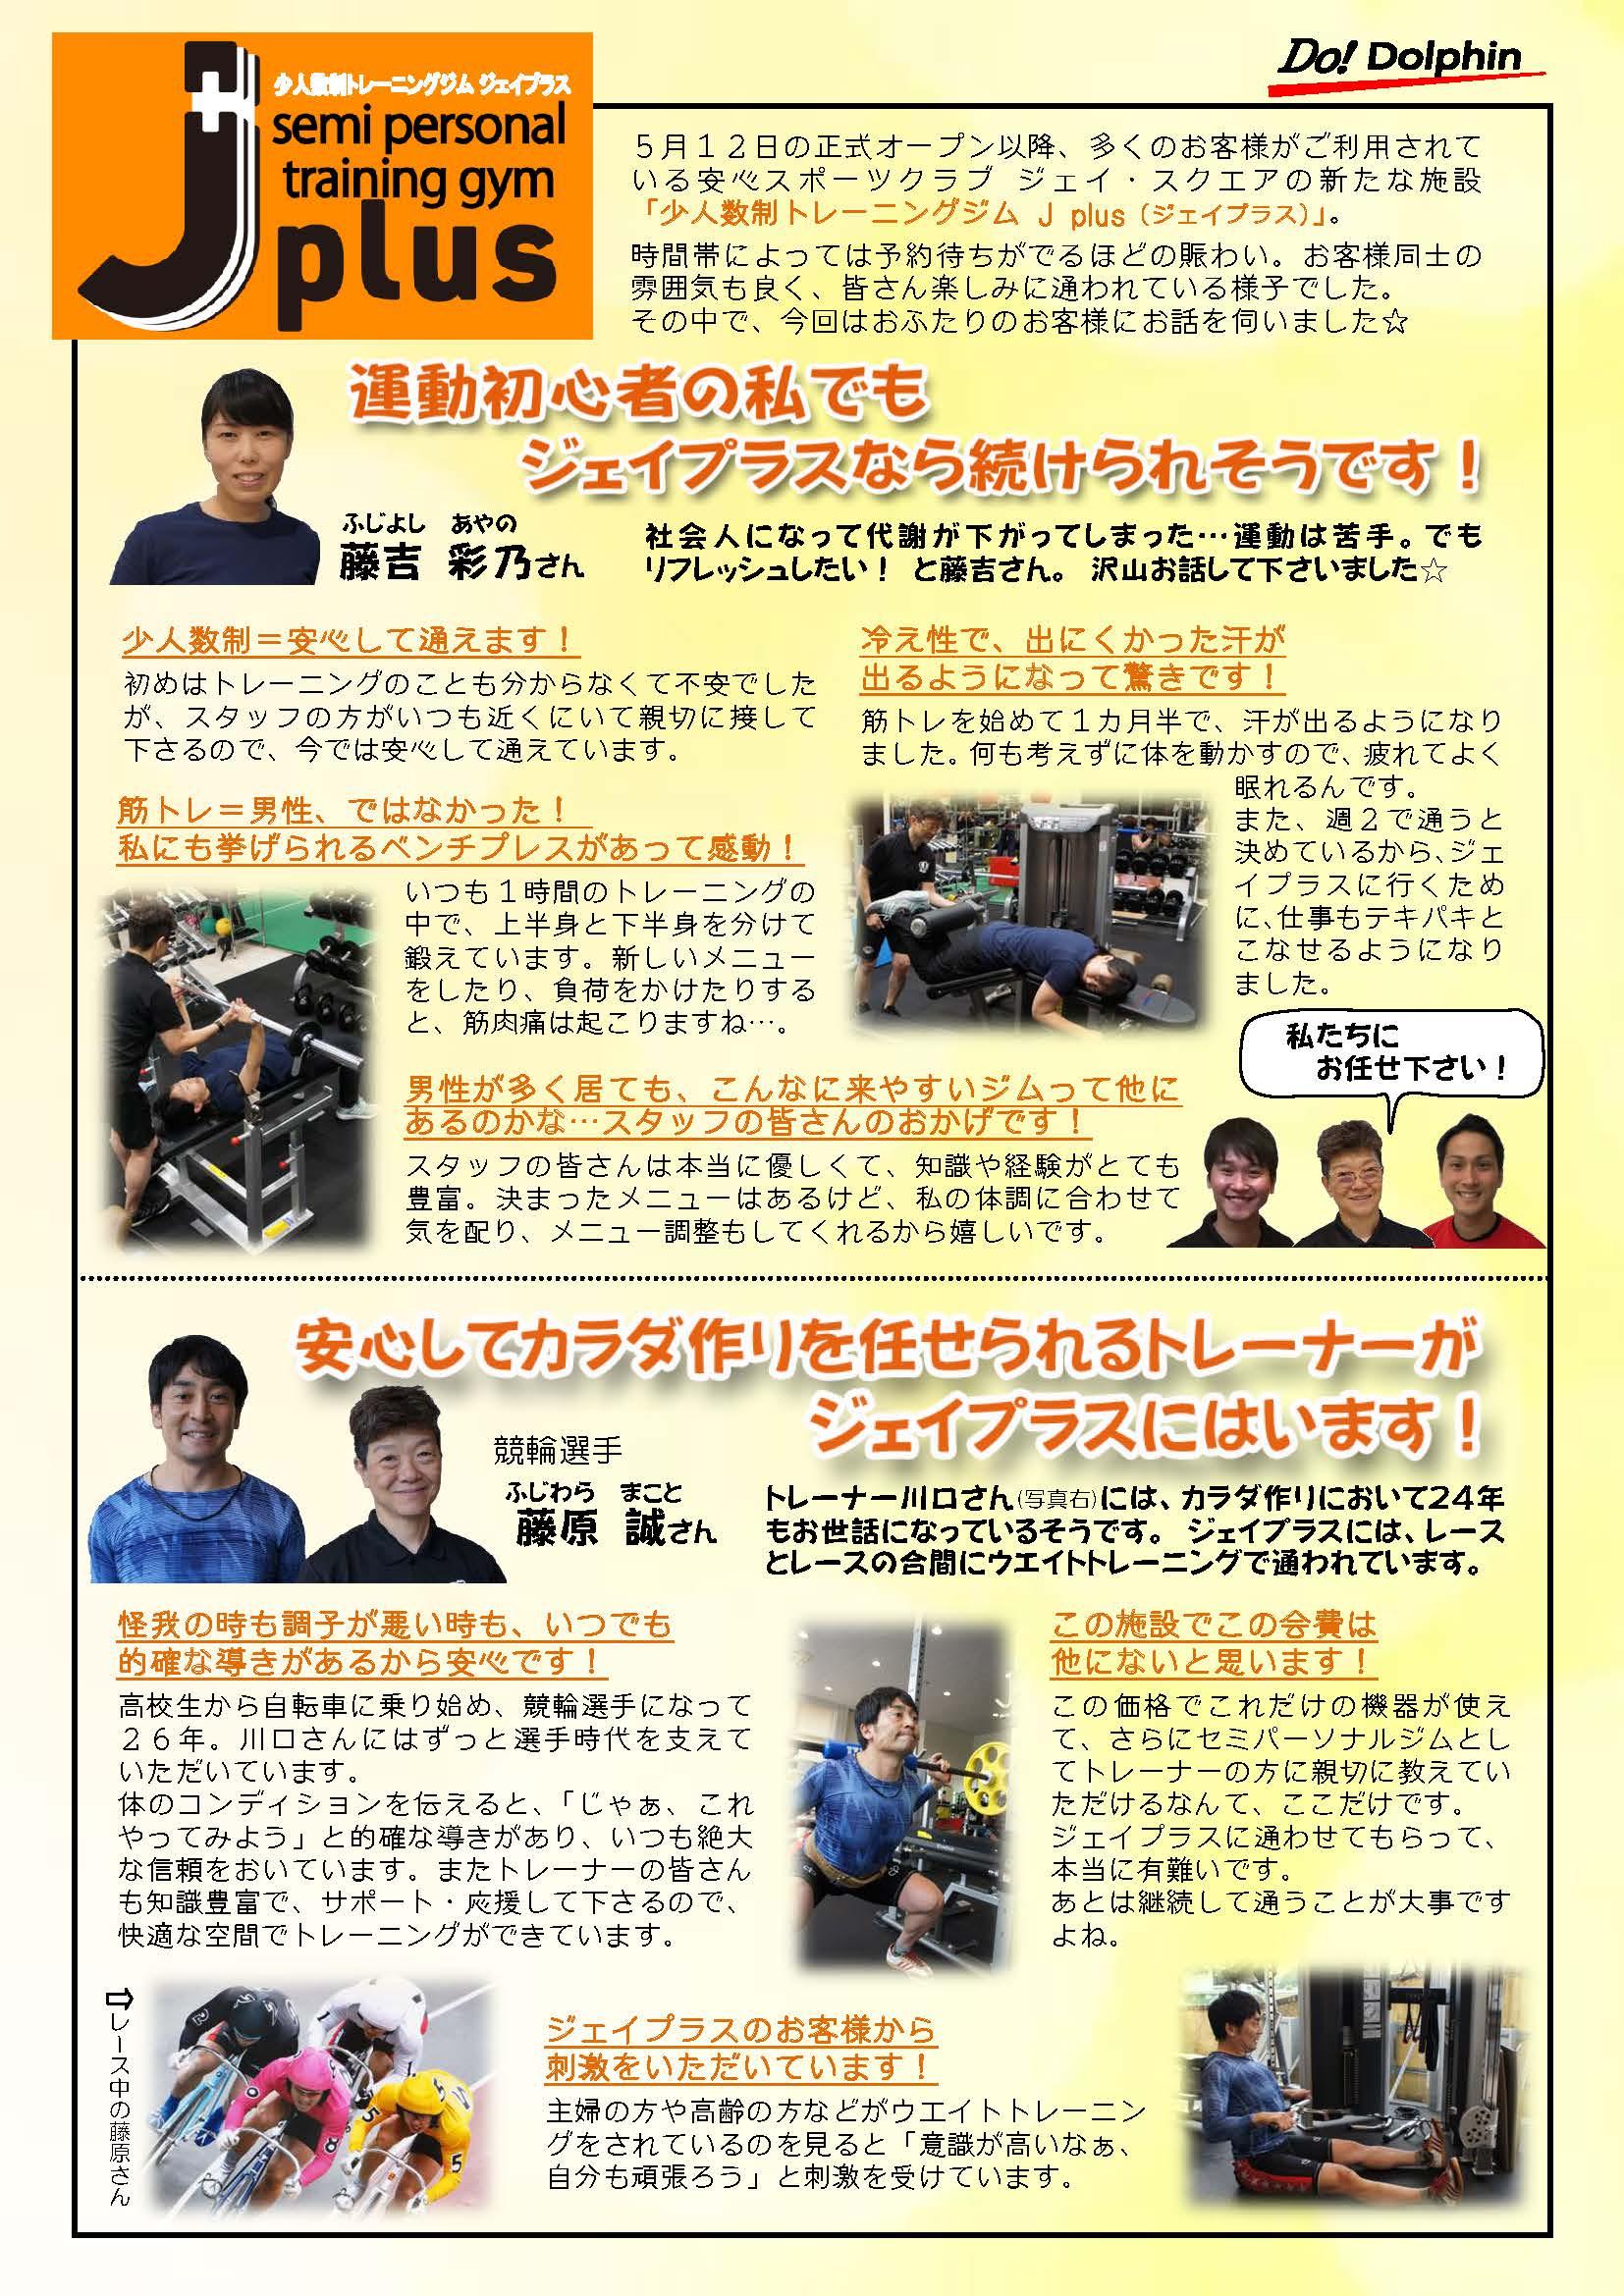 ドルフィン広報誌8月号校了_ページ_2